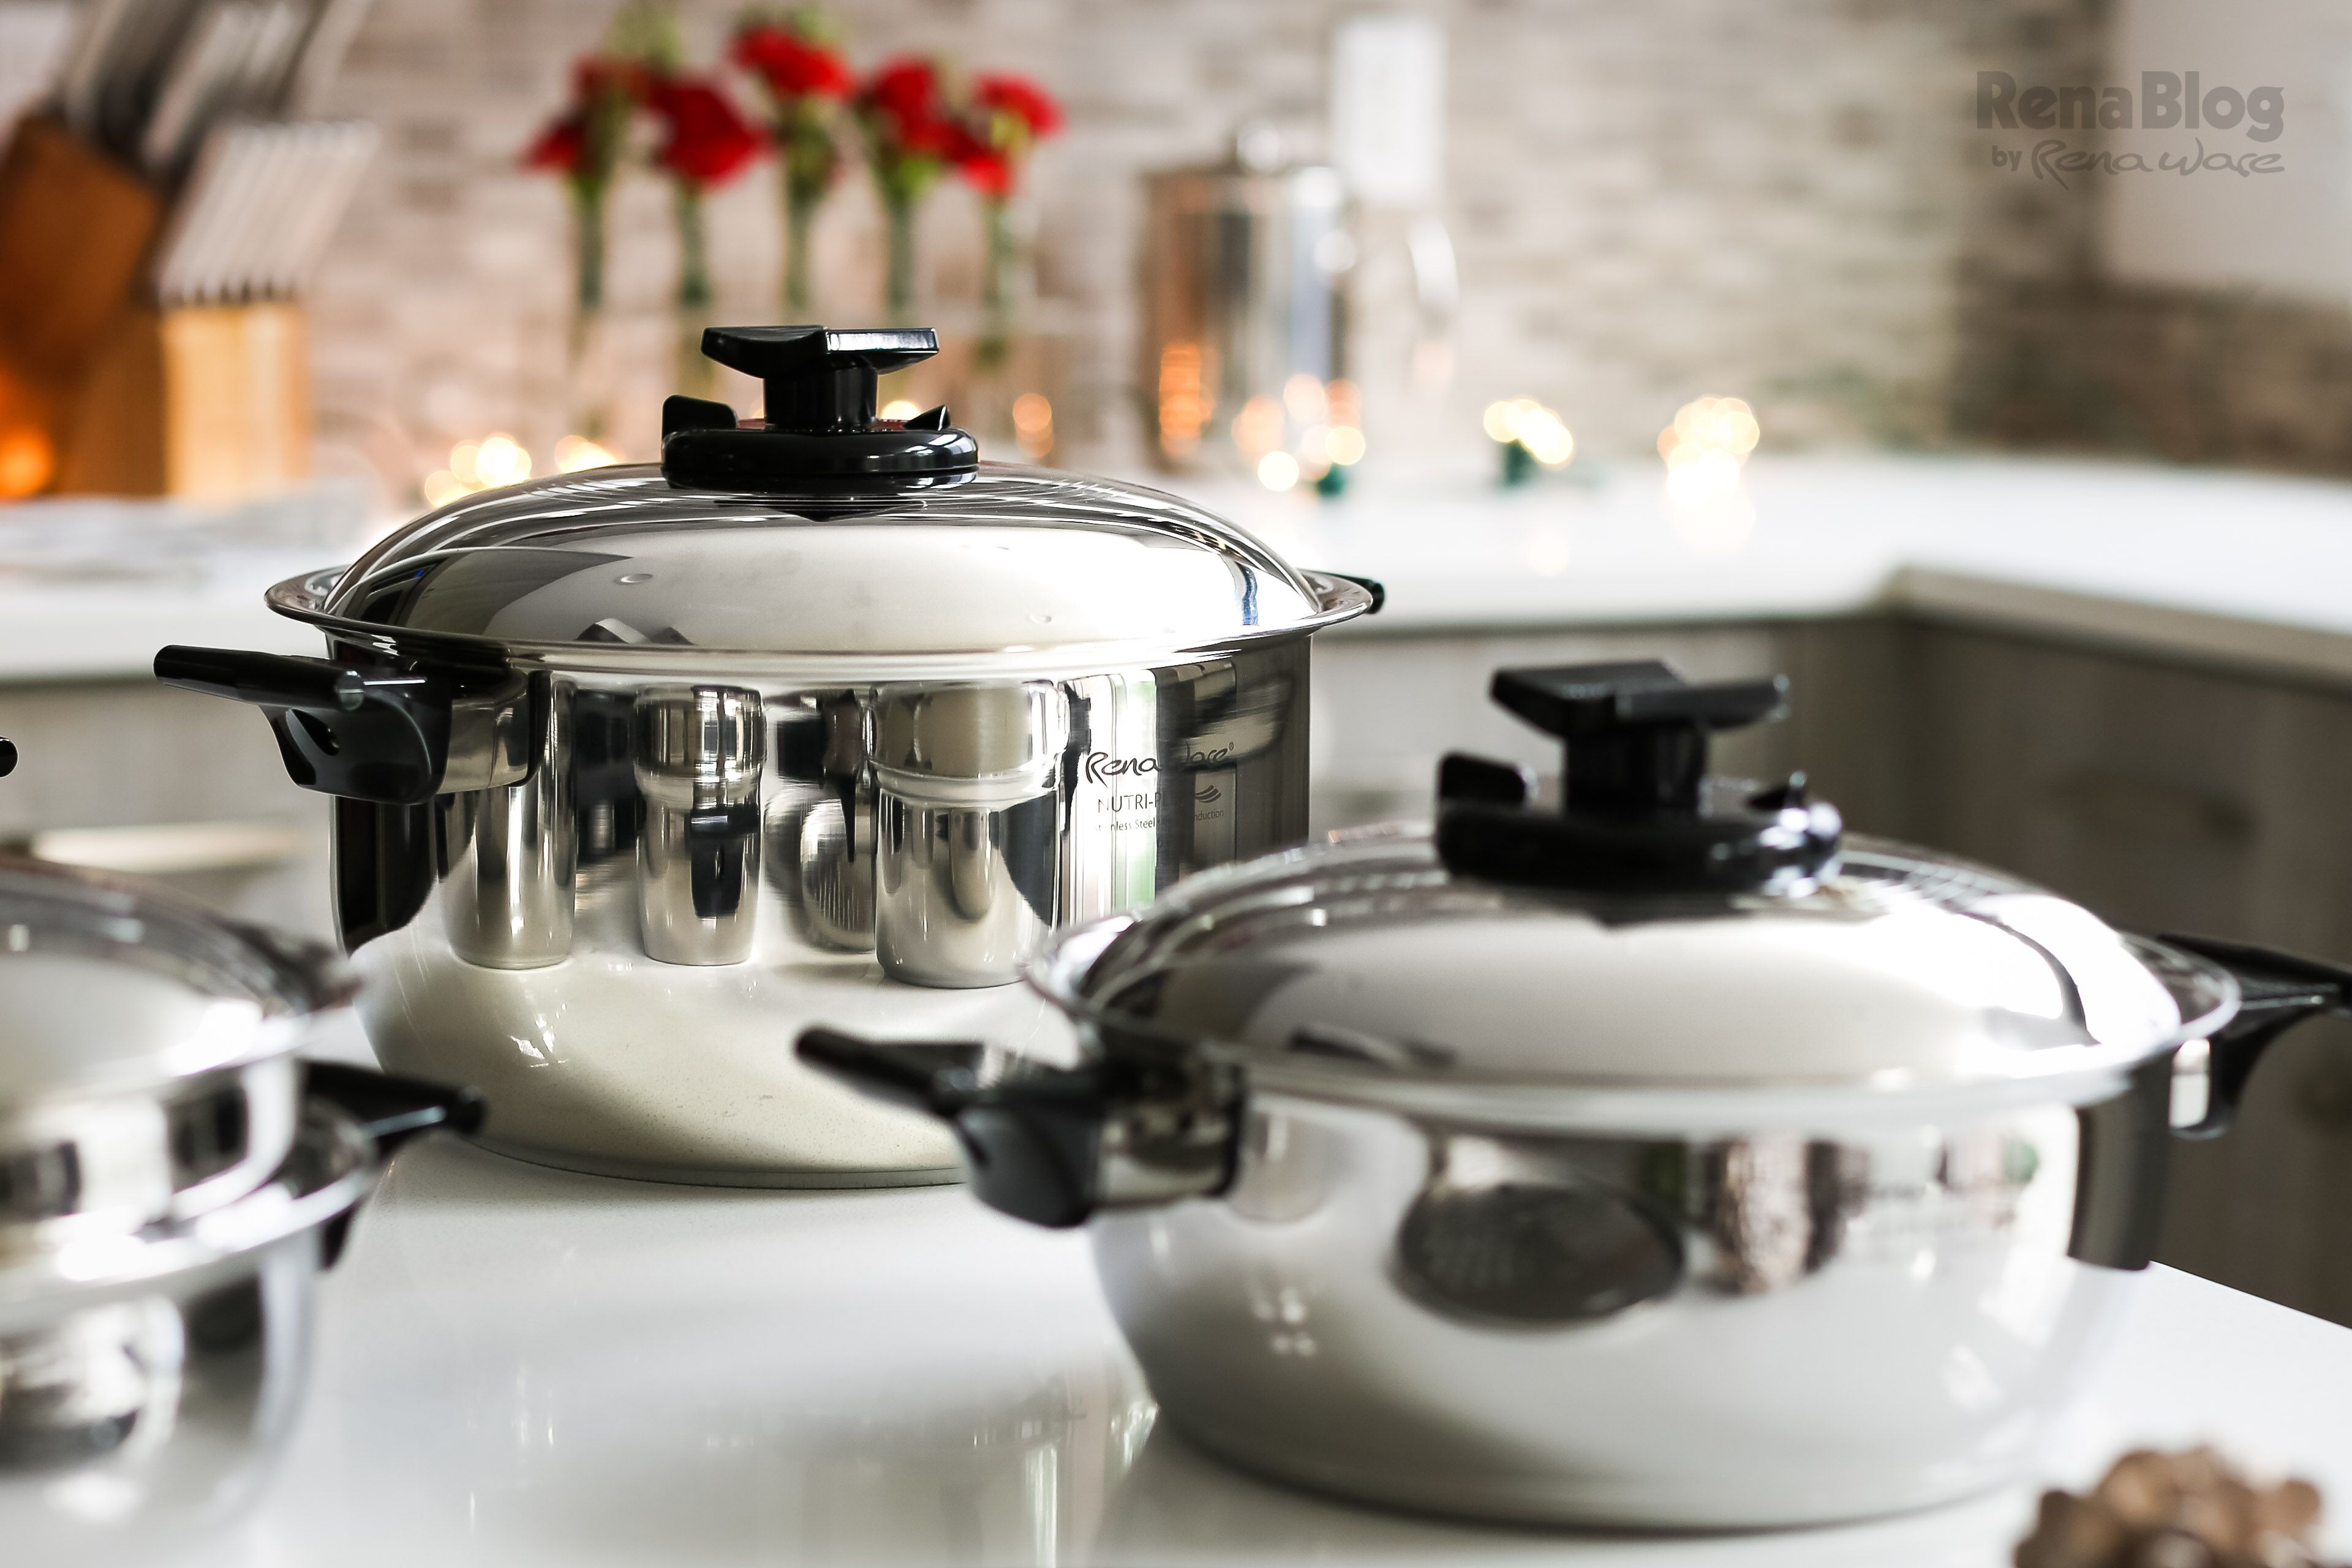 Los de utensilios juegos chef i o chef ii de rena ware son for Utensilios de cocina gourmet